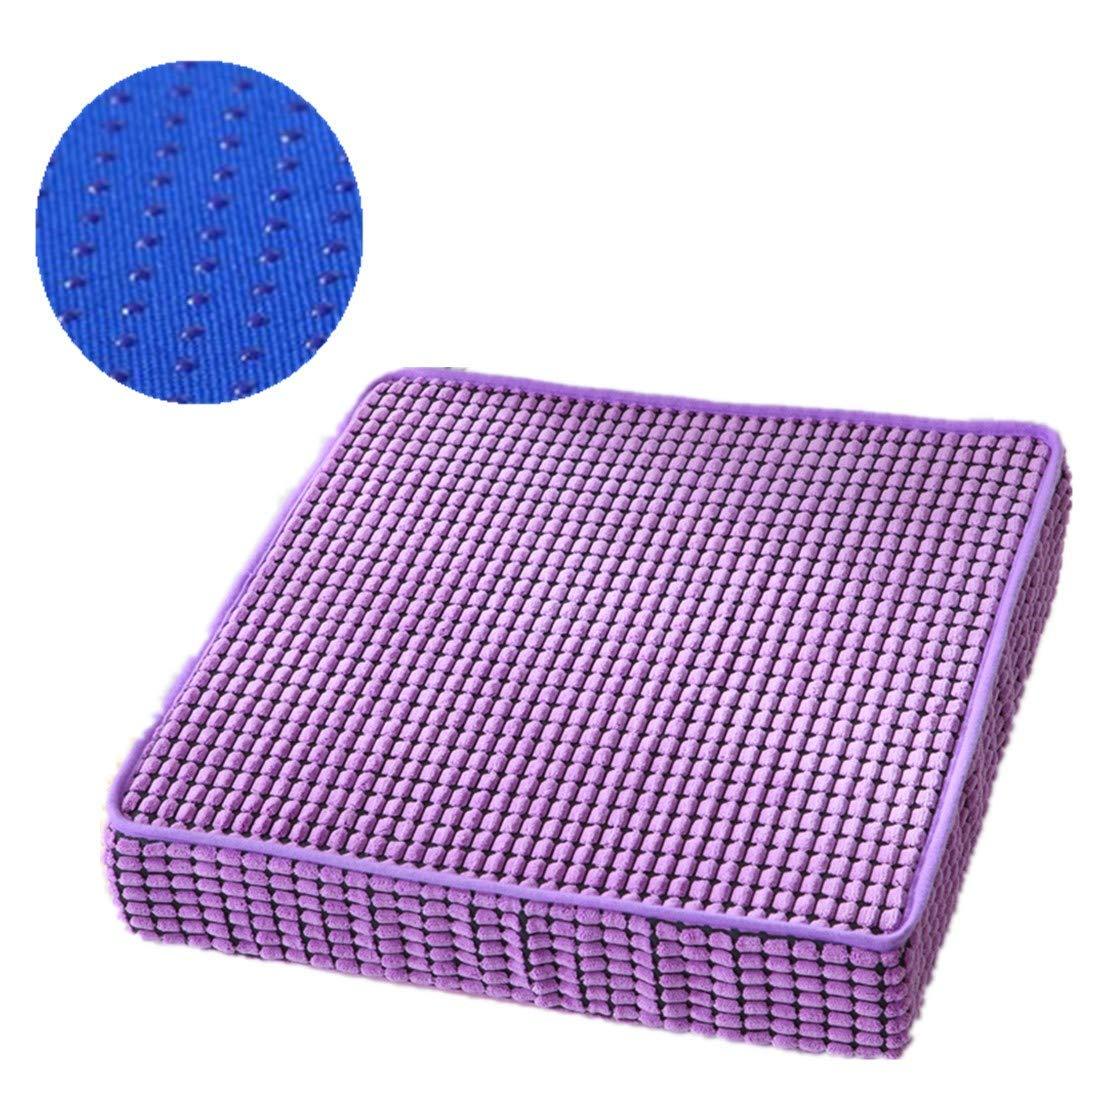 Pleasant Cheap Kids Cushion Chair Find Kids Cushion Chair Deals On Ncnpc Chair Design For Home Ncnpcorg